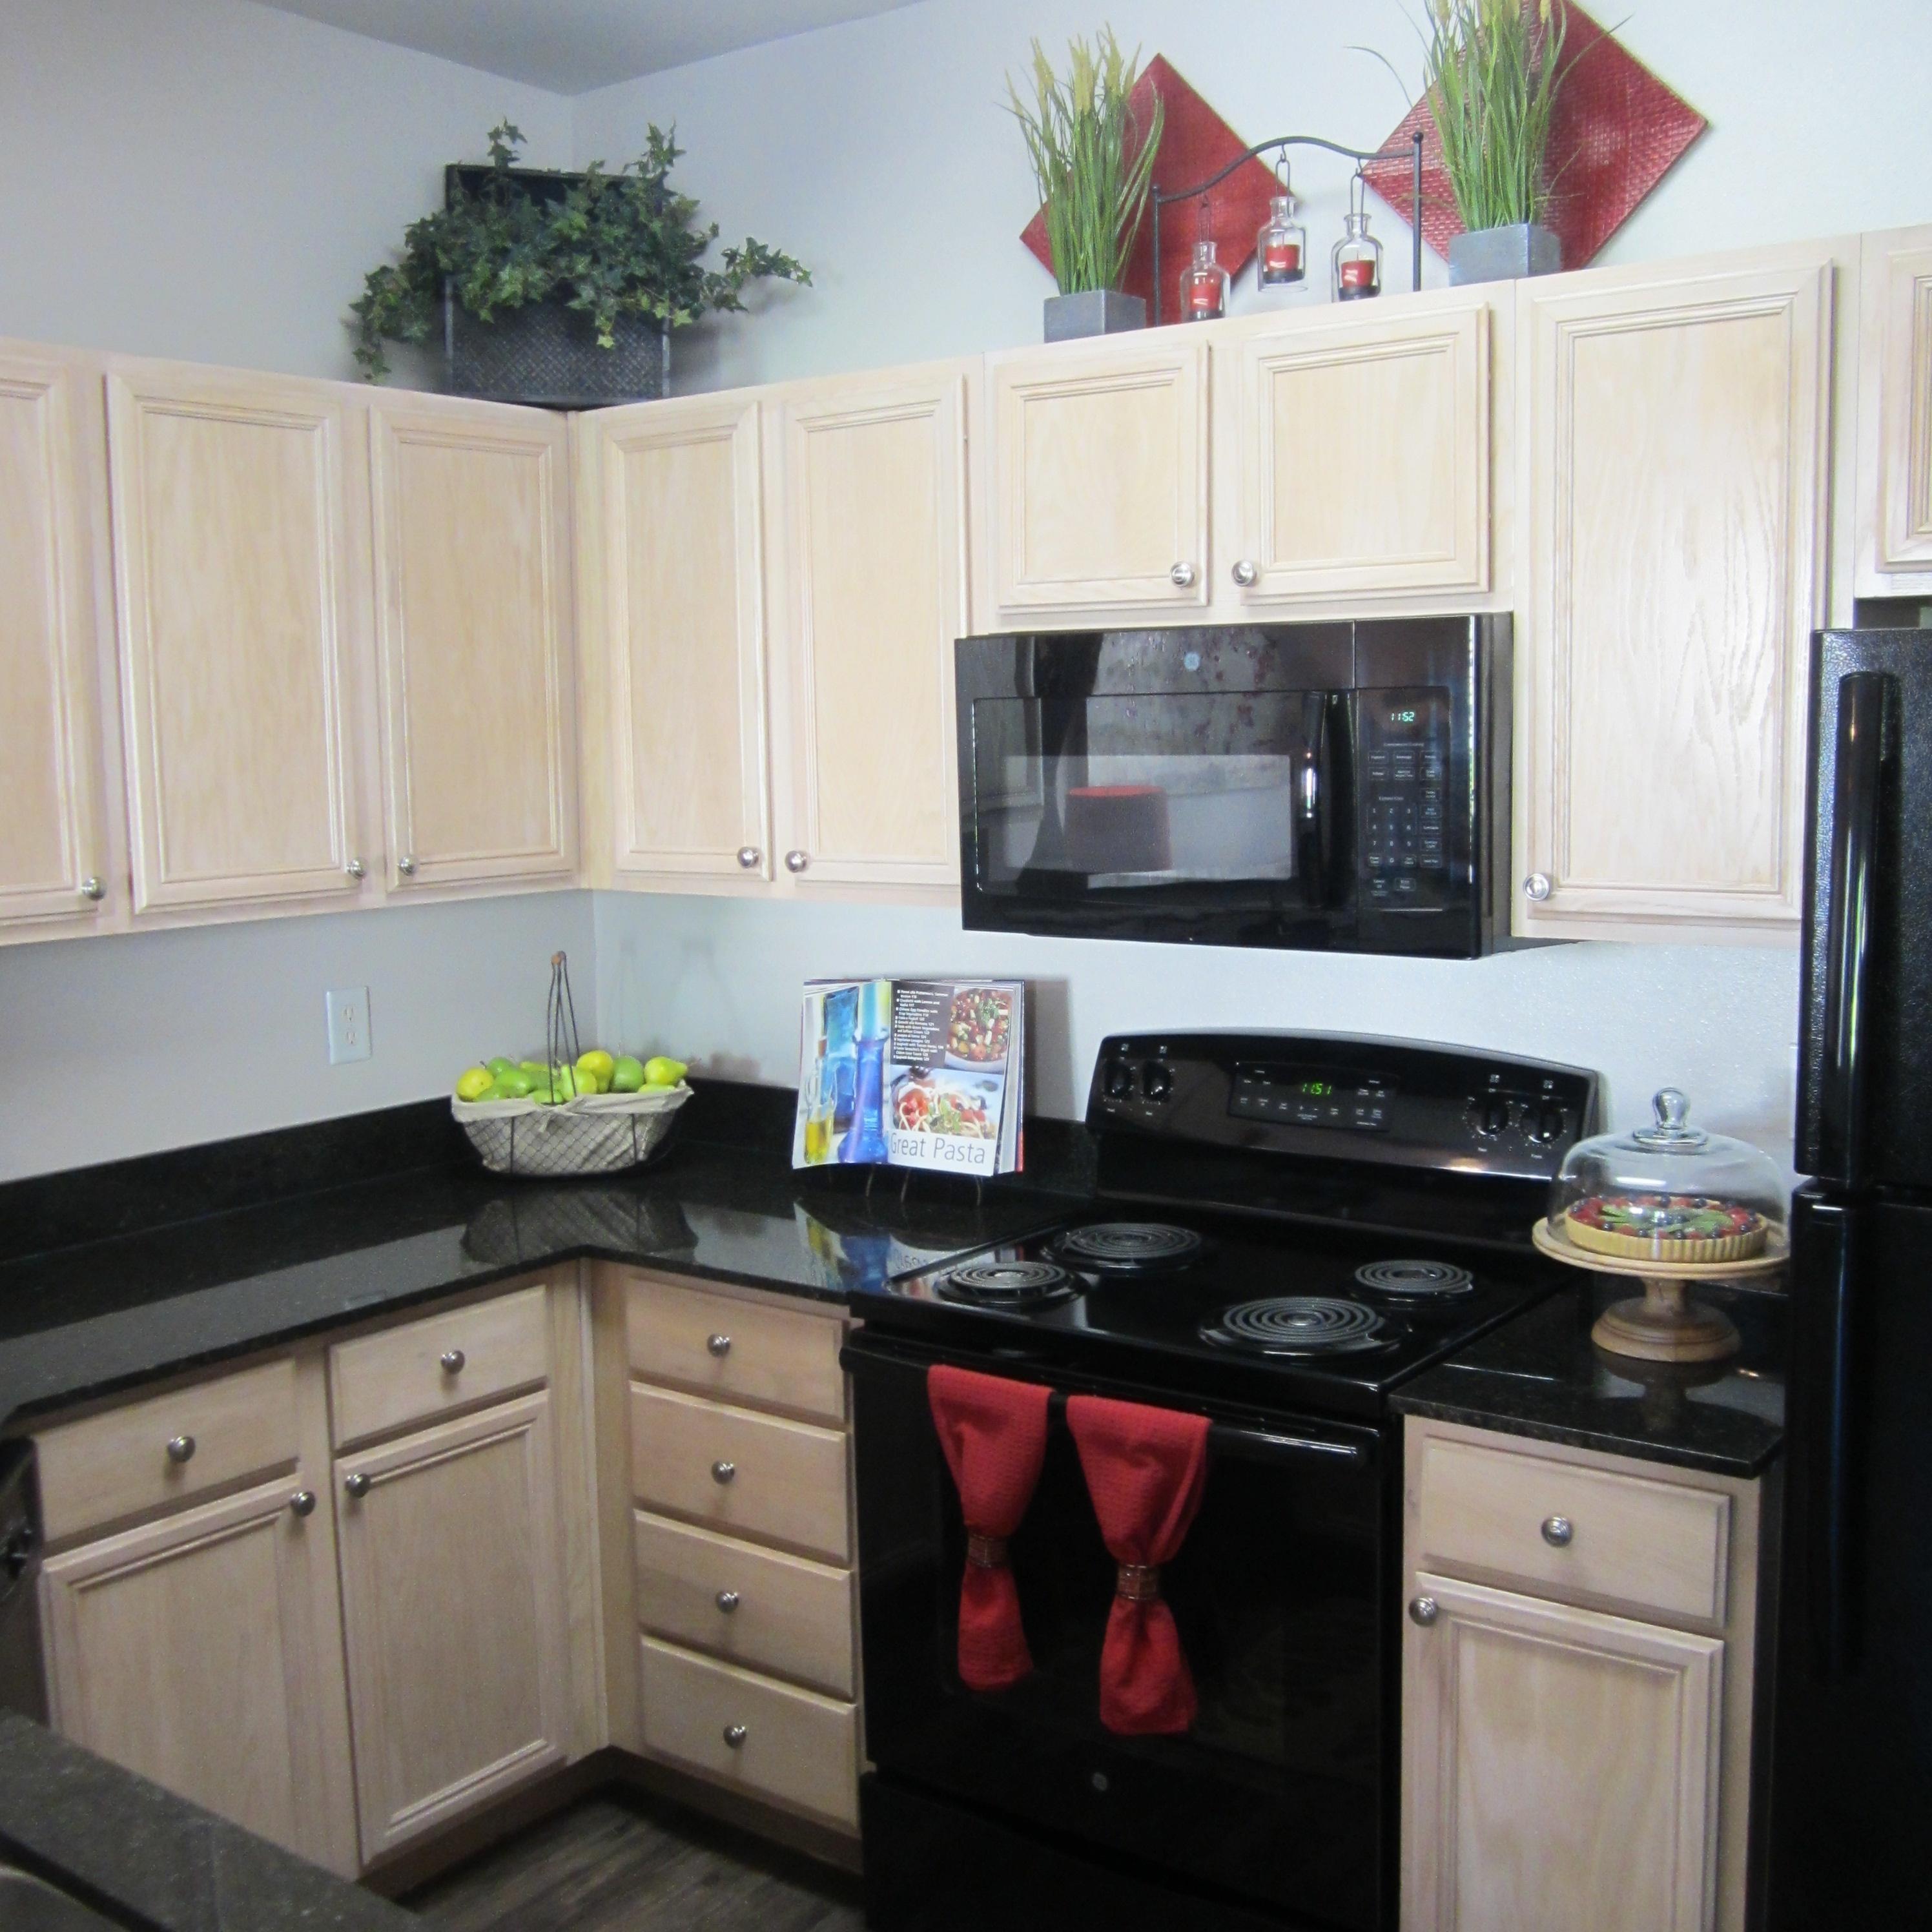 Signature Ridge Apartments - San Antonio, TX